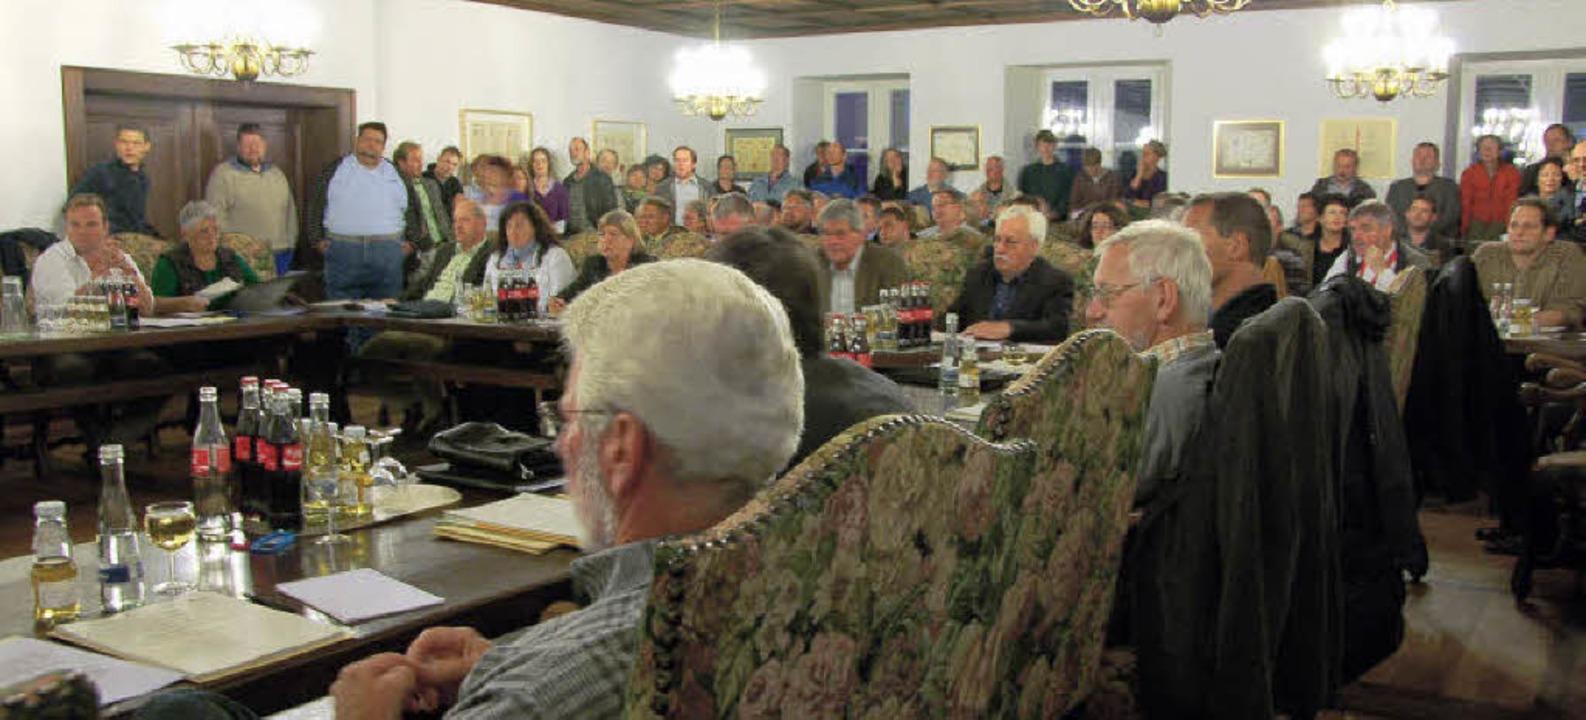 Gemeinderatssitzung in Wehr zur Funkmast-Erklärung  | Foto: Michael Krug